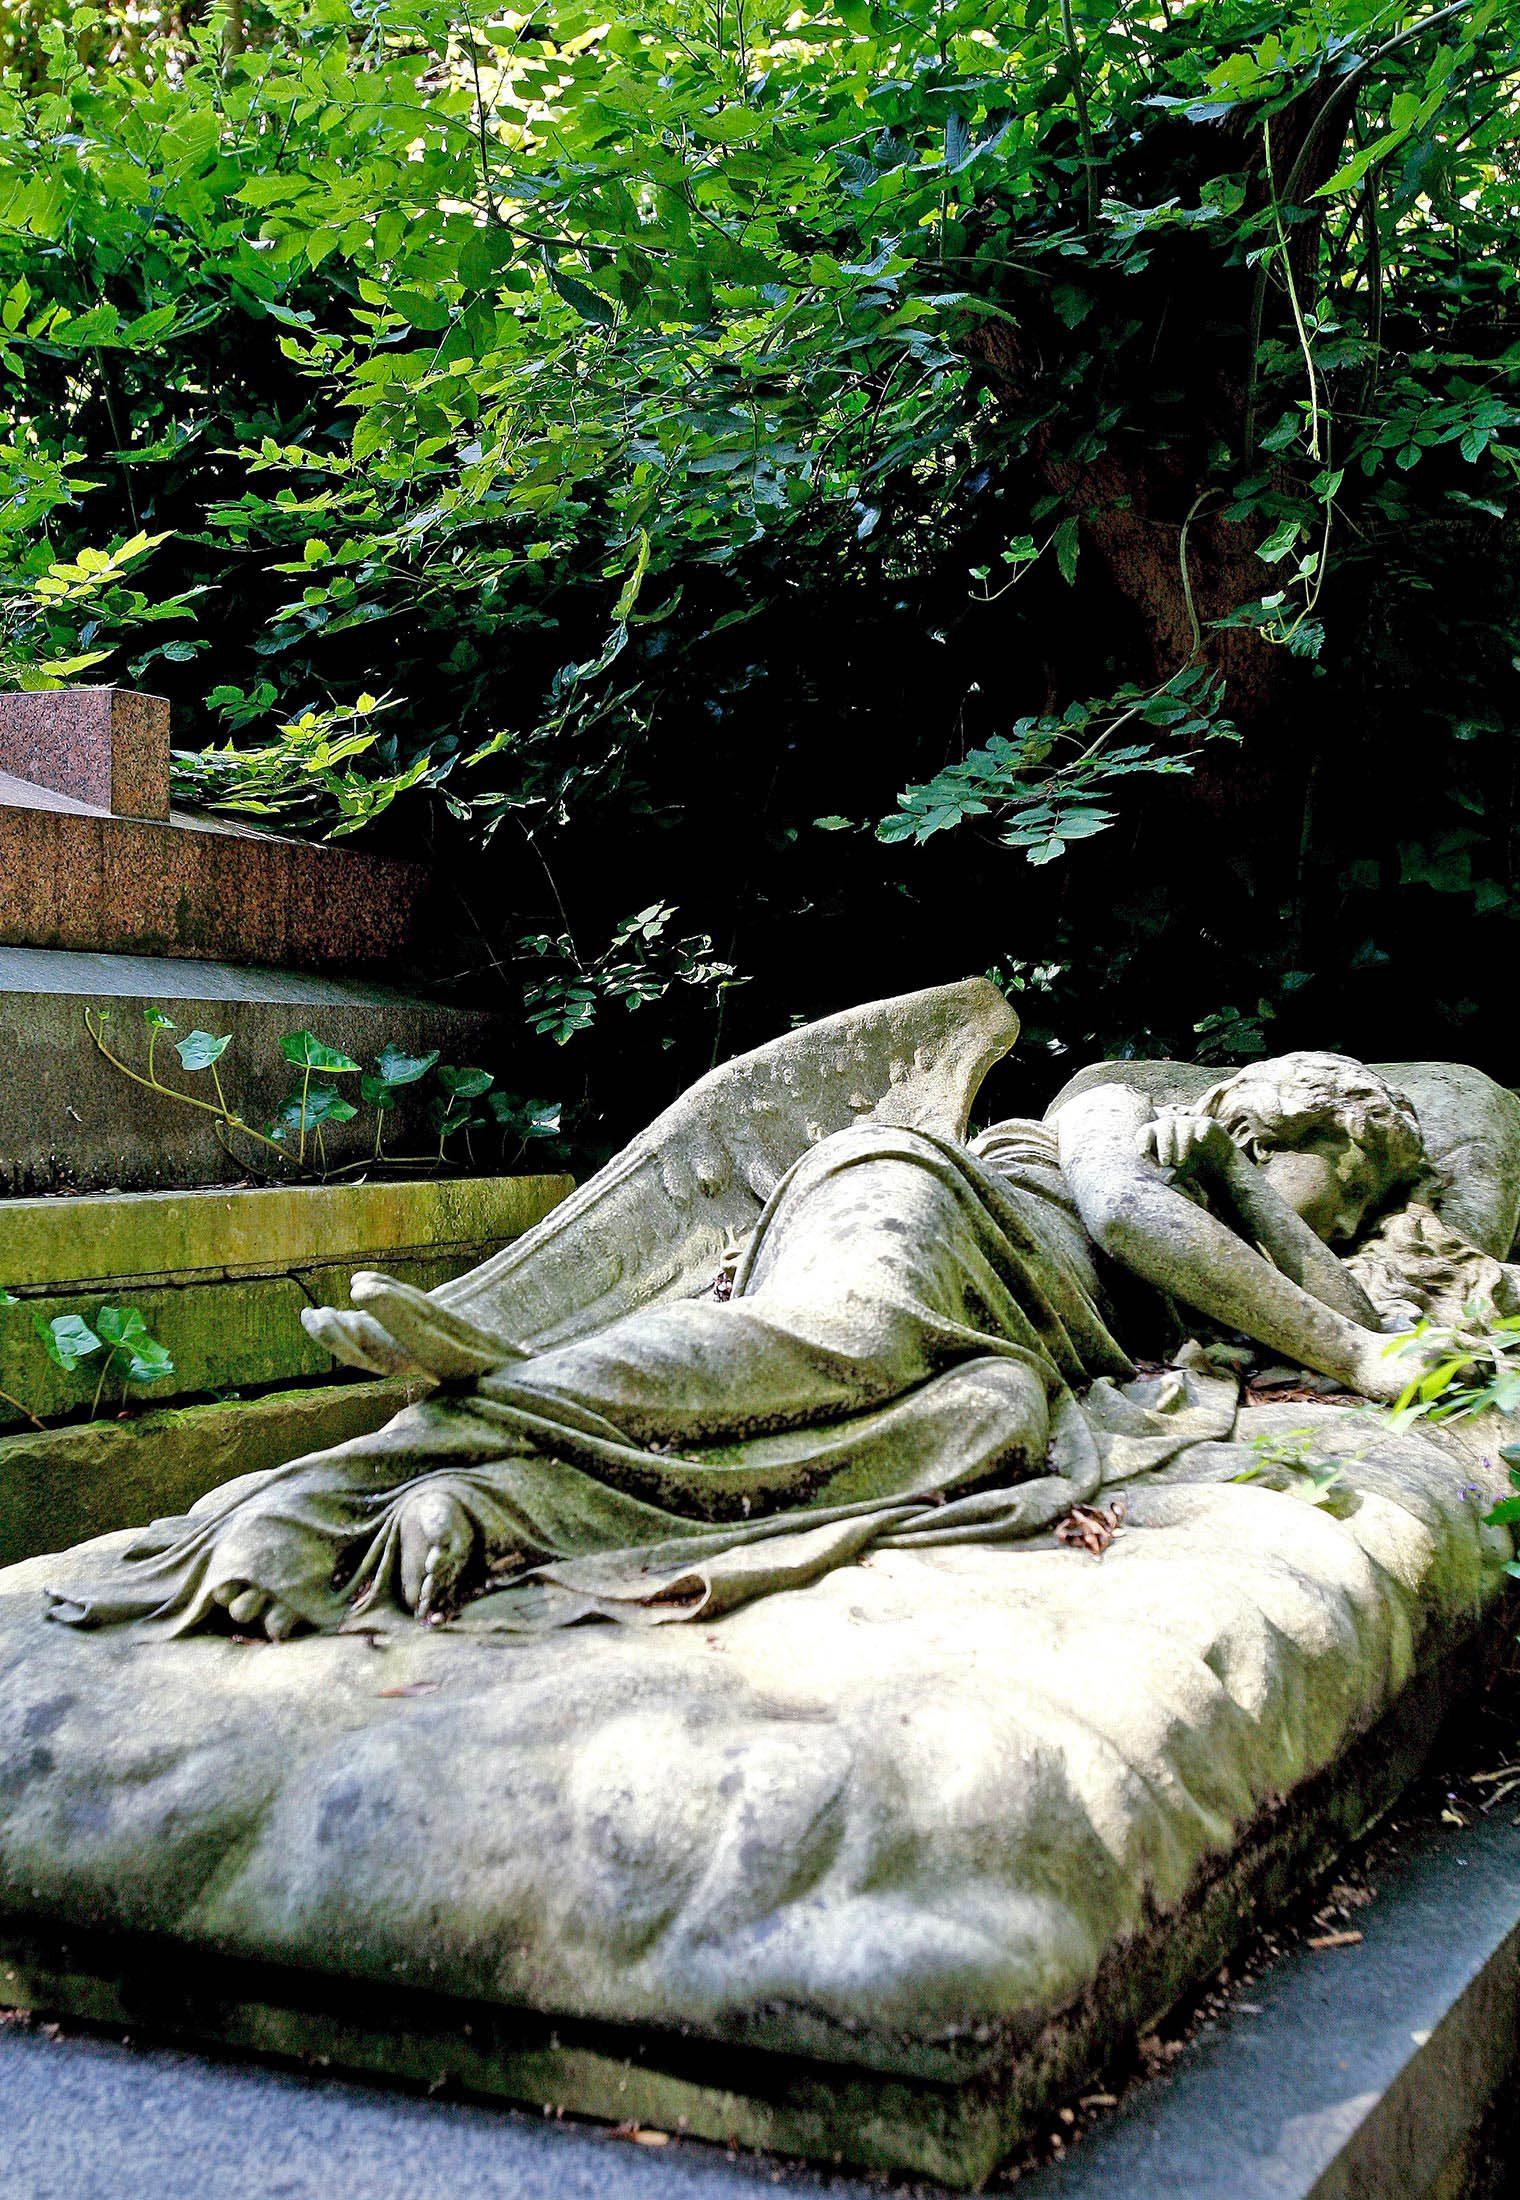 Chair de poule : photo du cimetière de Londres.